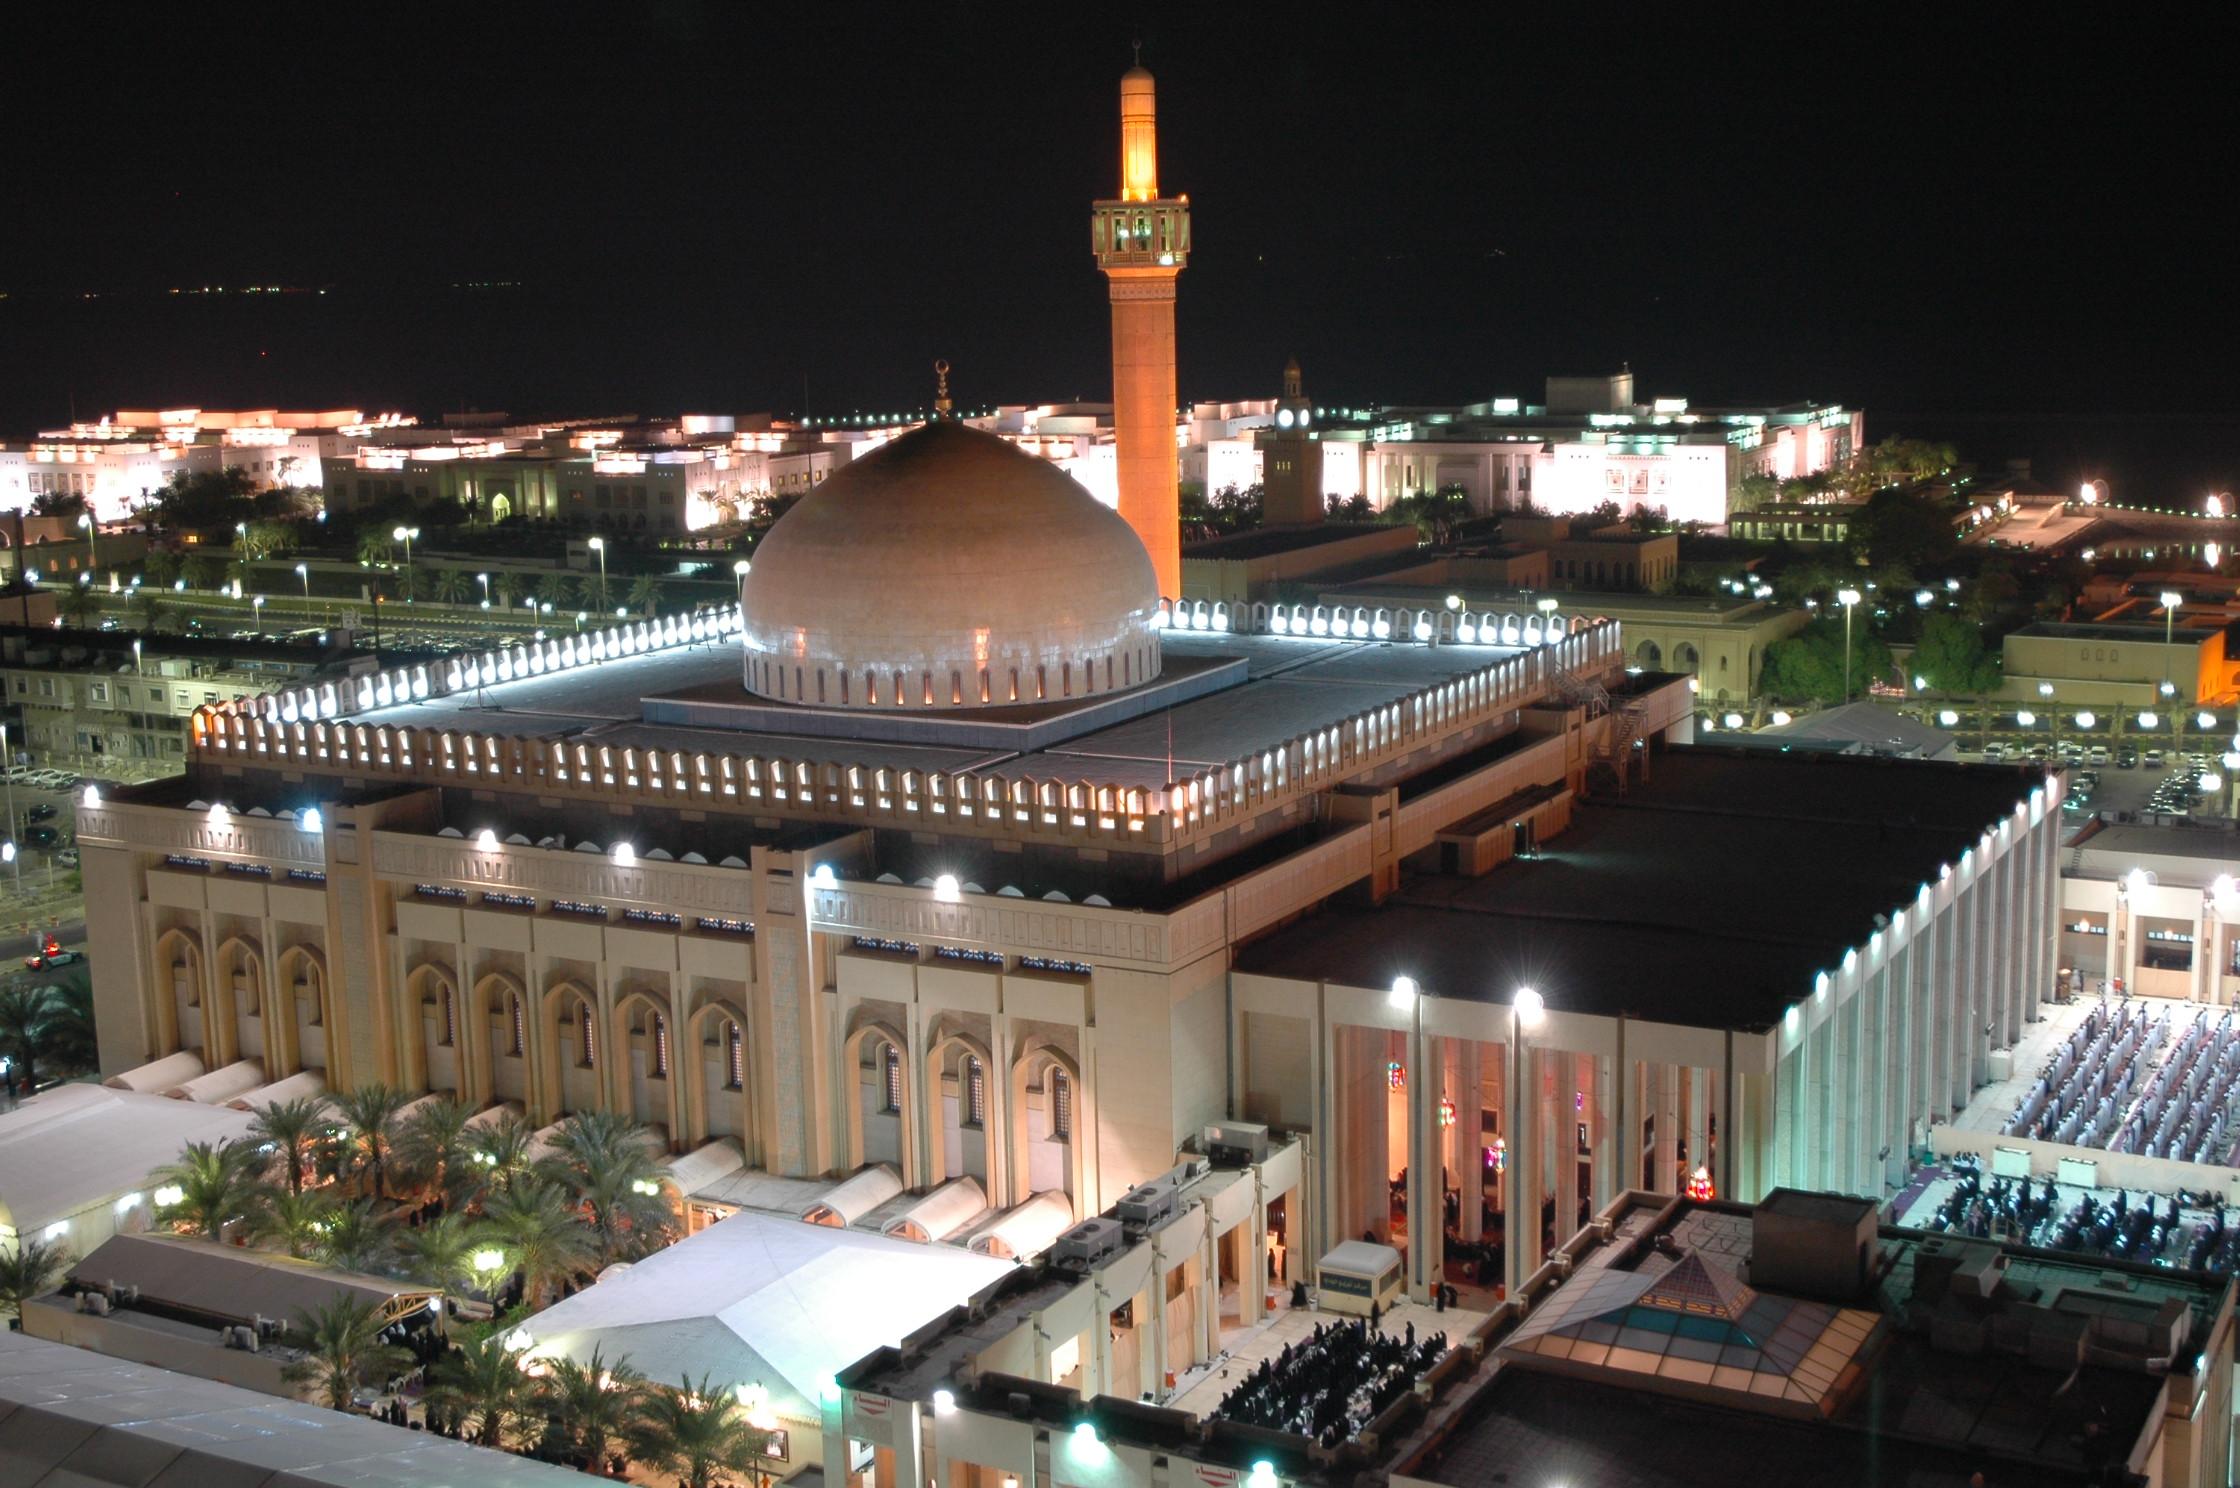 صور الاماكن السياحية في الكويت , اشهر الاماكن السياحيه في الكويت